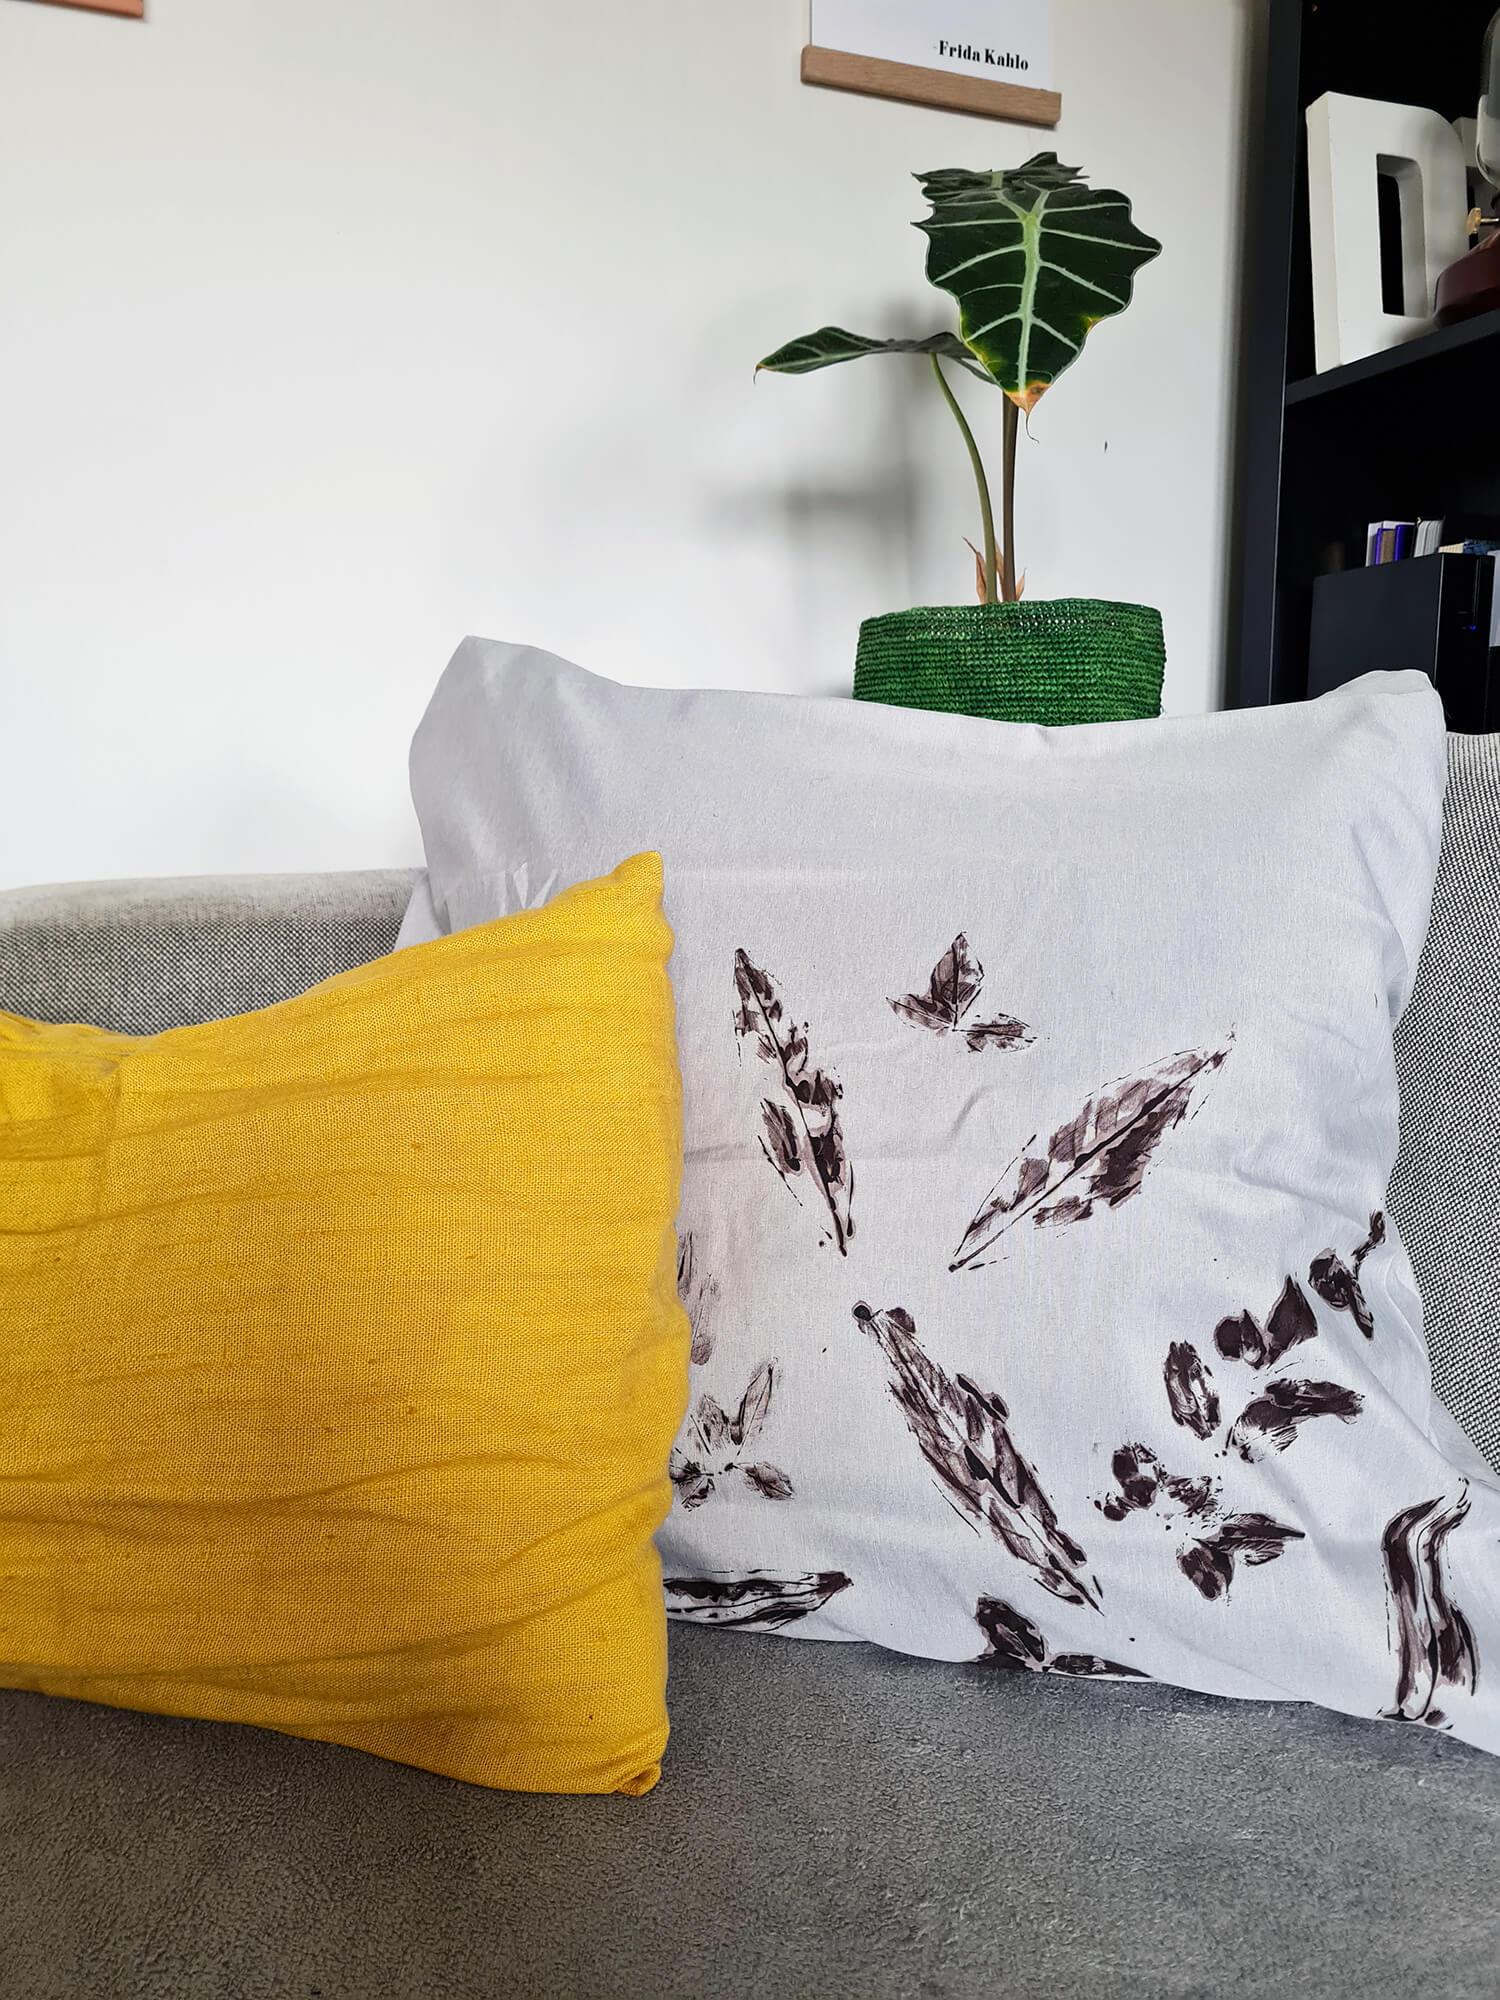 20210128 131244 - DIY : créer un coussin végétal avec des feuilles